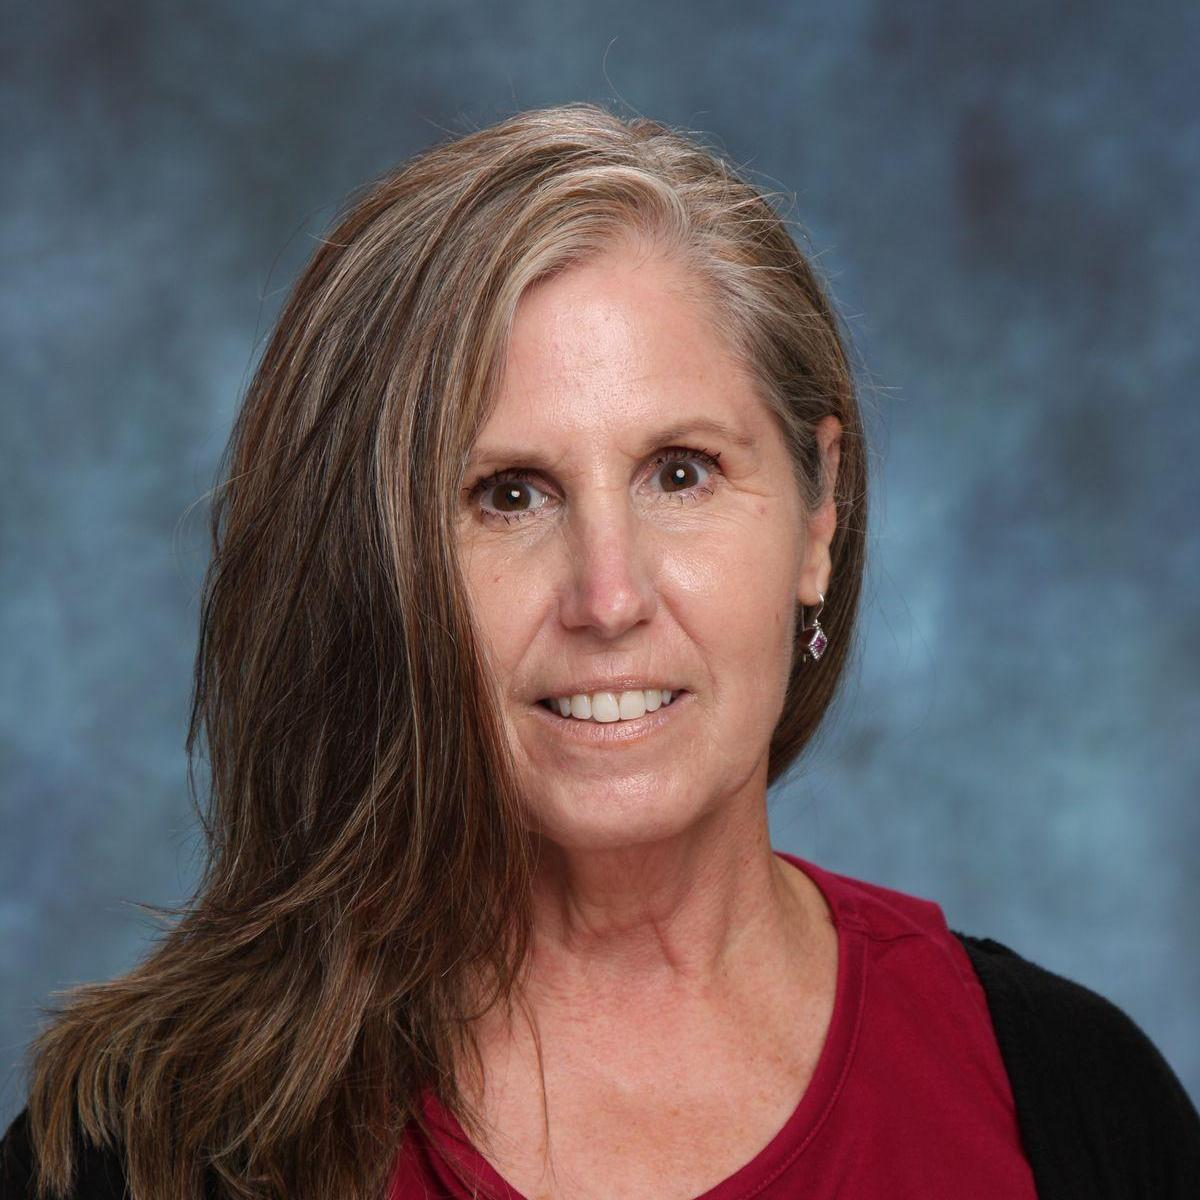 Mrs. Kerry van Doorn's Profile Photo